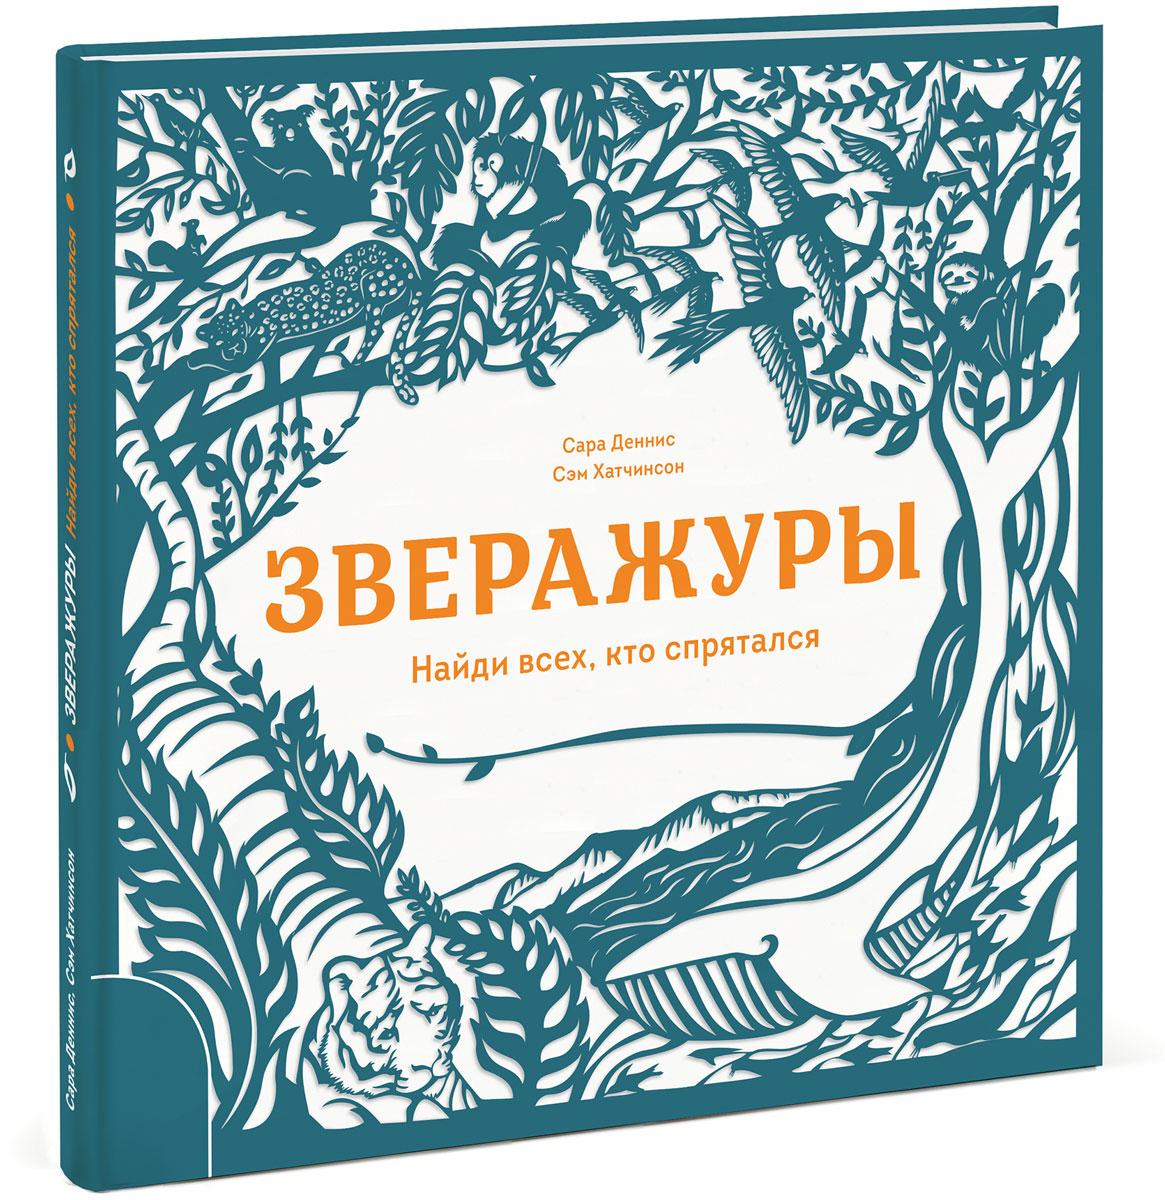 Зверажуры. Найди всех, кто спрятался12296407О книге В этой книге на ажурных иллюстрациях спрятались разнообразные звери. Они притаились в непроходимых джунглях и песках жарких пустынь, среди высоких гор и в водах полярных морей. Разглядеть их непросто, ведь животные маскируются очень искусно. Невероятная техника создания книги делает ее иллюстрации словно кружевными. Каждую страничку автор сначала вырезала из бумаги, а потом уже создавала из этого кружева иллюстрации. Зверажуры - это ажурные разноцветные звери, которые затеяли с нами игру в природные прятки. Вас ждет увлекательное путешествие по всем континентам и знакомство с их самыми яркими обитателями. Большие и маленькие, смешные и страшные, почти домашние и совсем дикие существа - попробуйте найти их всех! Фишки книги Это познавательная книга-активити. Здесь собраны интересные факты о животных разных континентов, а за ними следуют игровые развороты, на которых этих животных нужно найти. Все иллюстрации в книге как-будто вырезаны...